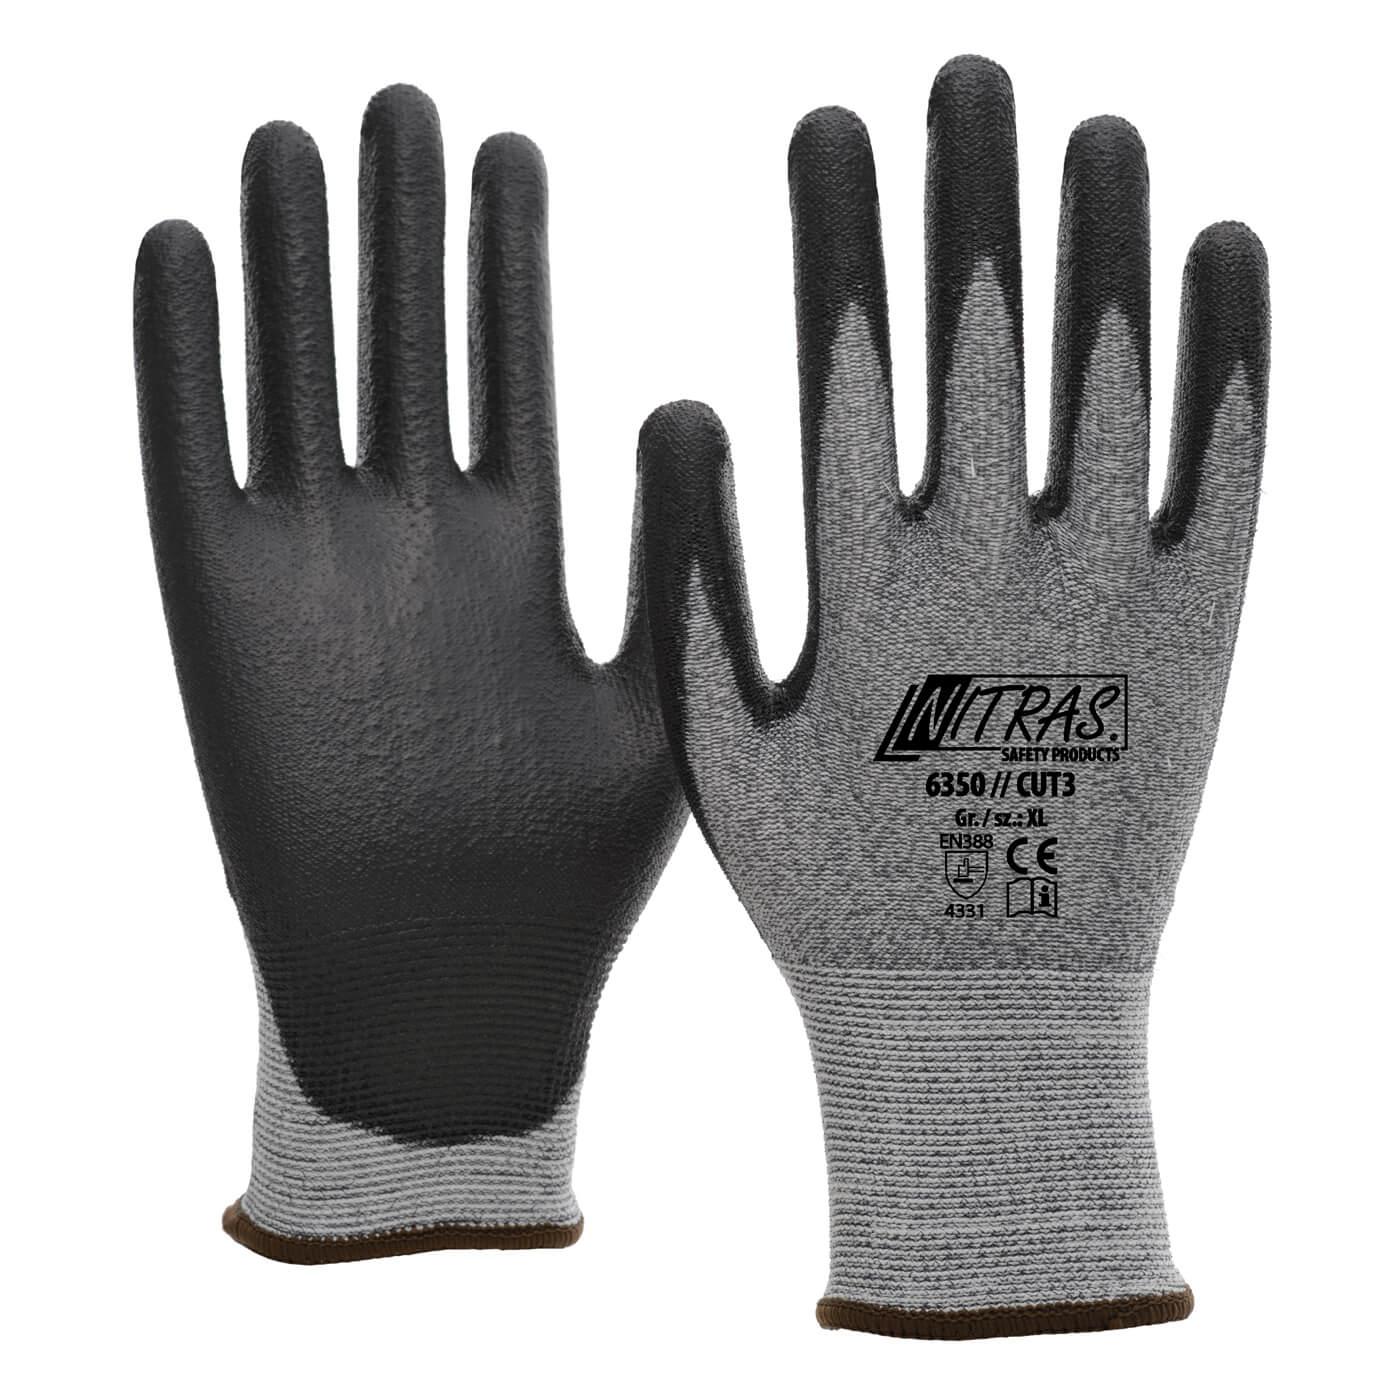 Rękawice antyprzecięciowe Nitras 6350/ CUT3